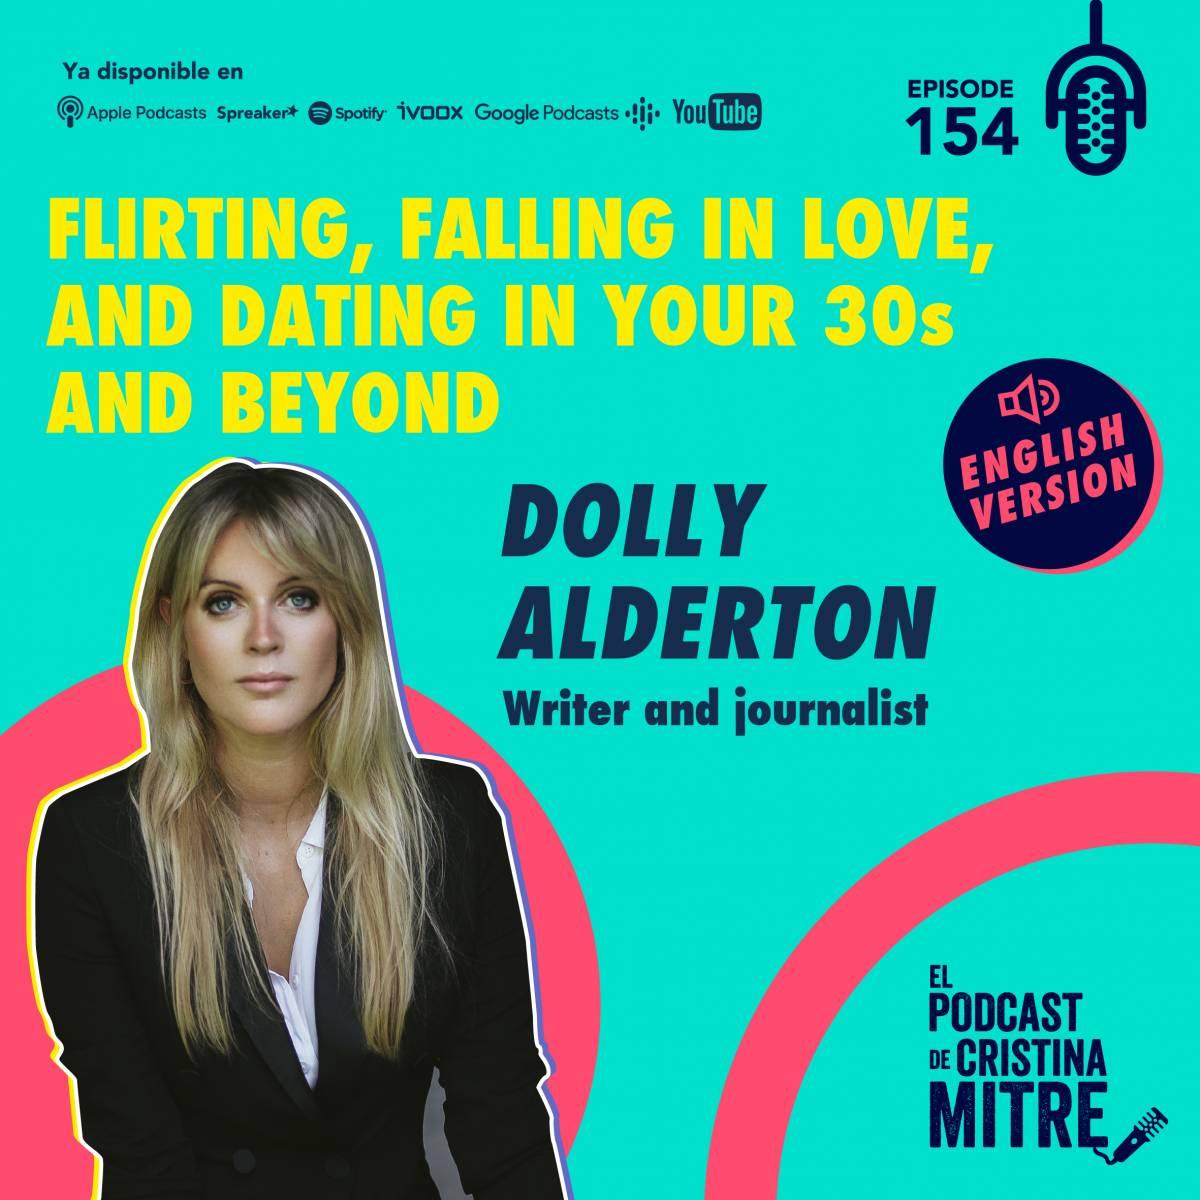 El podcast de Cristina Mitre Dolly Alderton